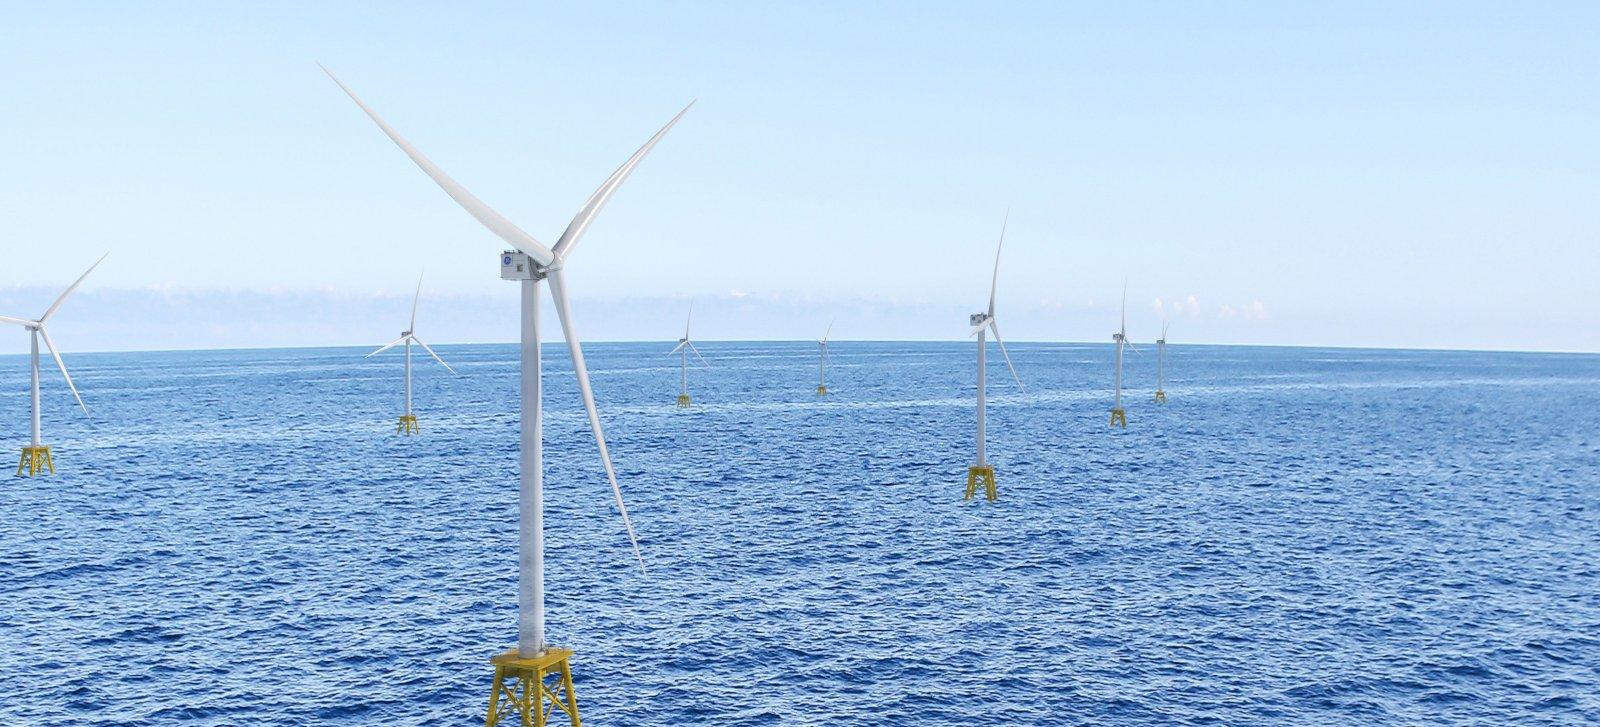 Imatge promocional de les turbines Haliade-X